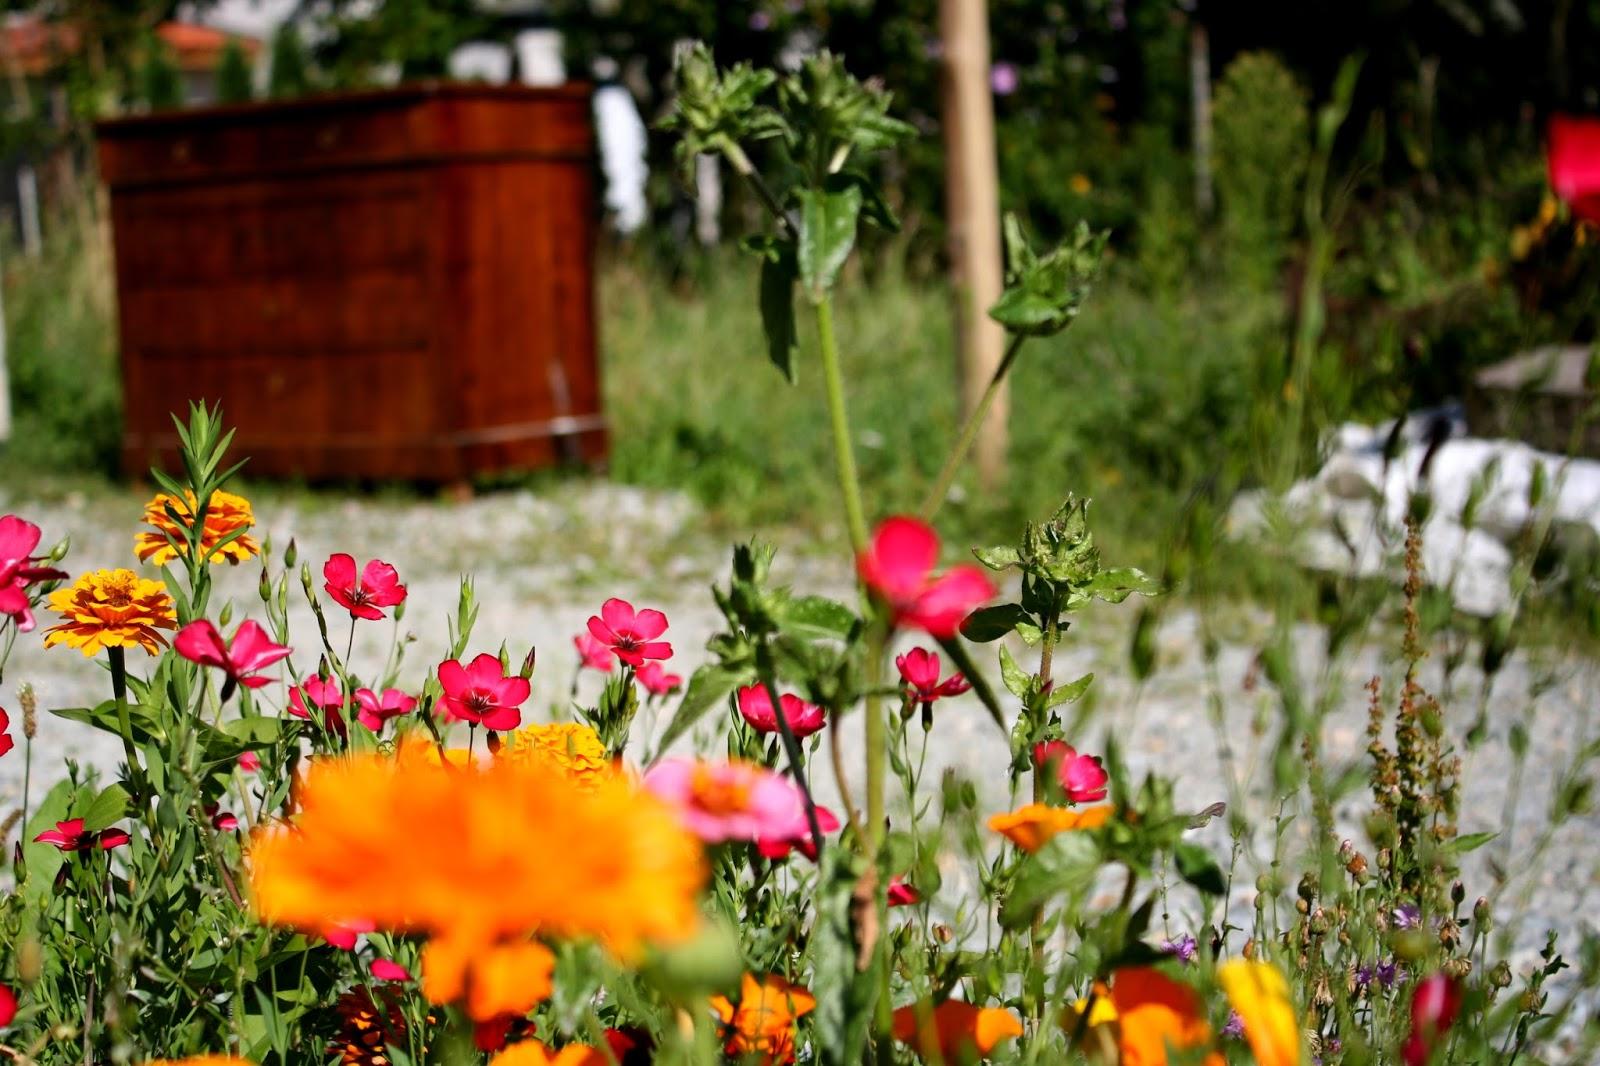 bazarette planter un bouquet de fleurs. Black Bedroom Furniture Sets. Home Design Ideas